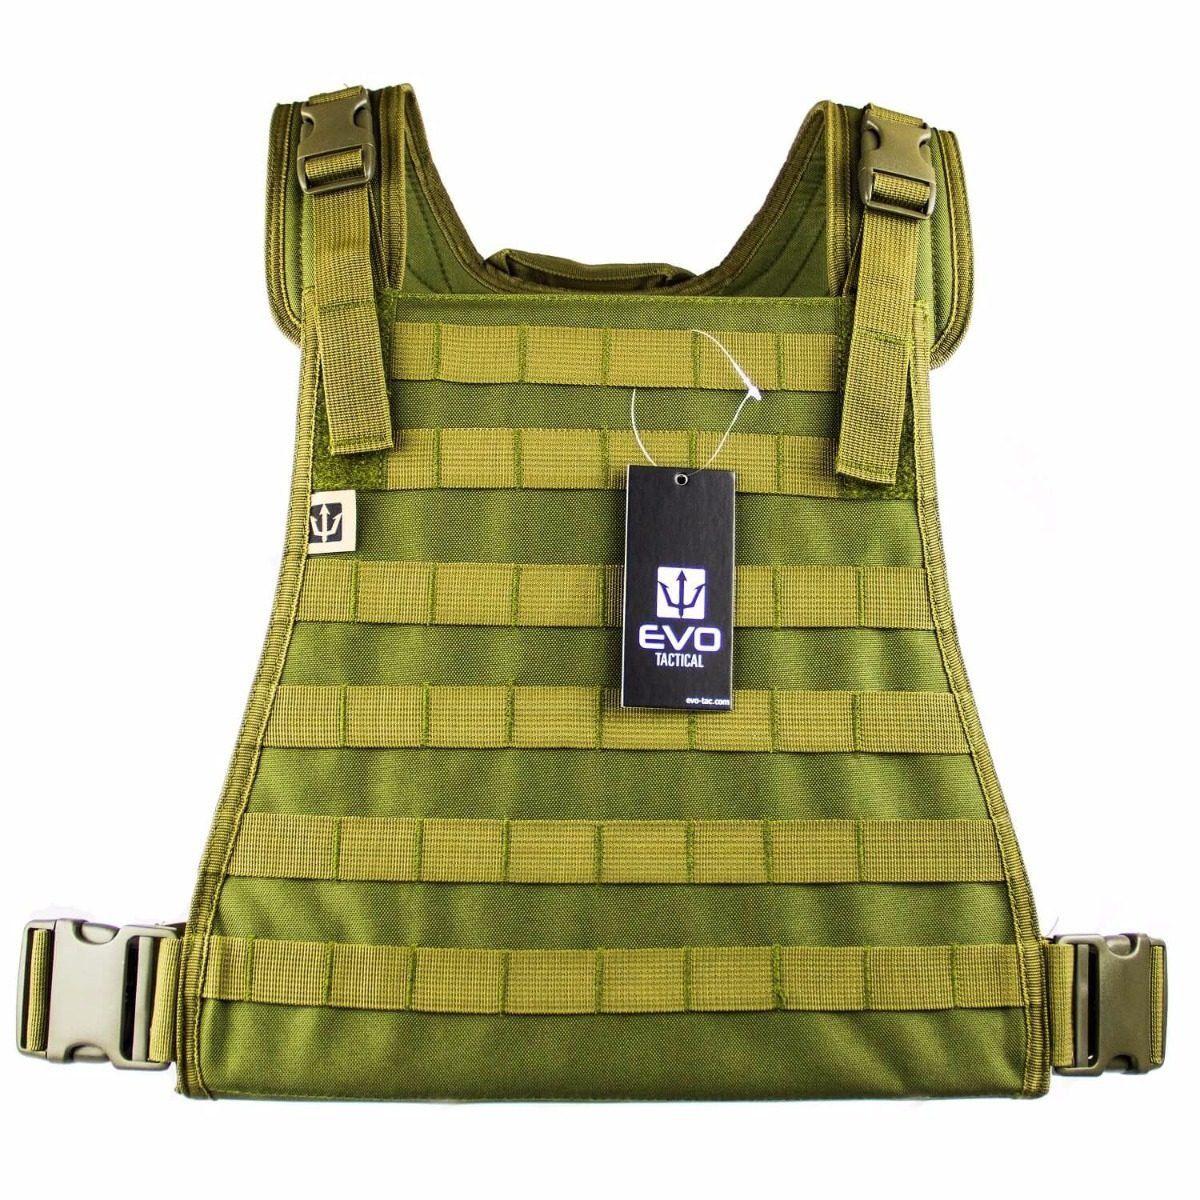 Colete Tático Modular Strike Commando Recon Plate Carrier Style Cor: Verde